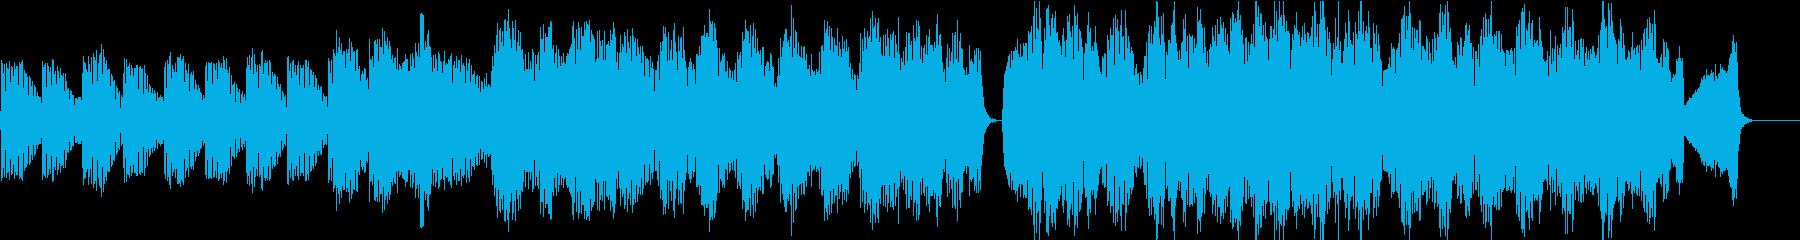 感動的なストリングス曲の再生済みの波形